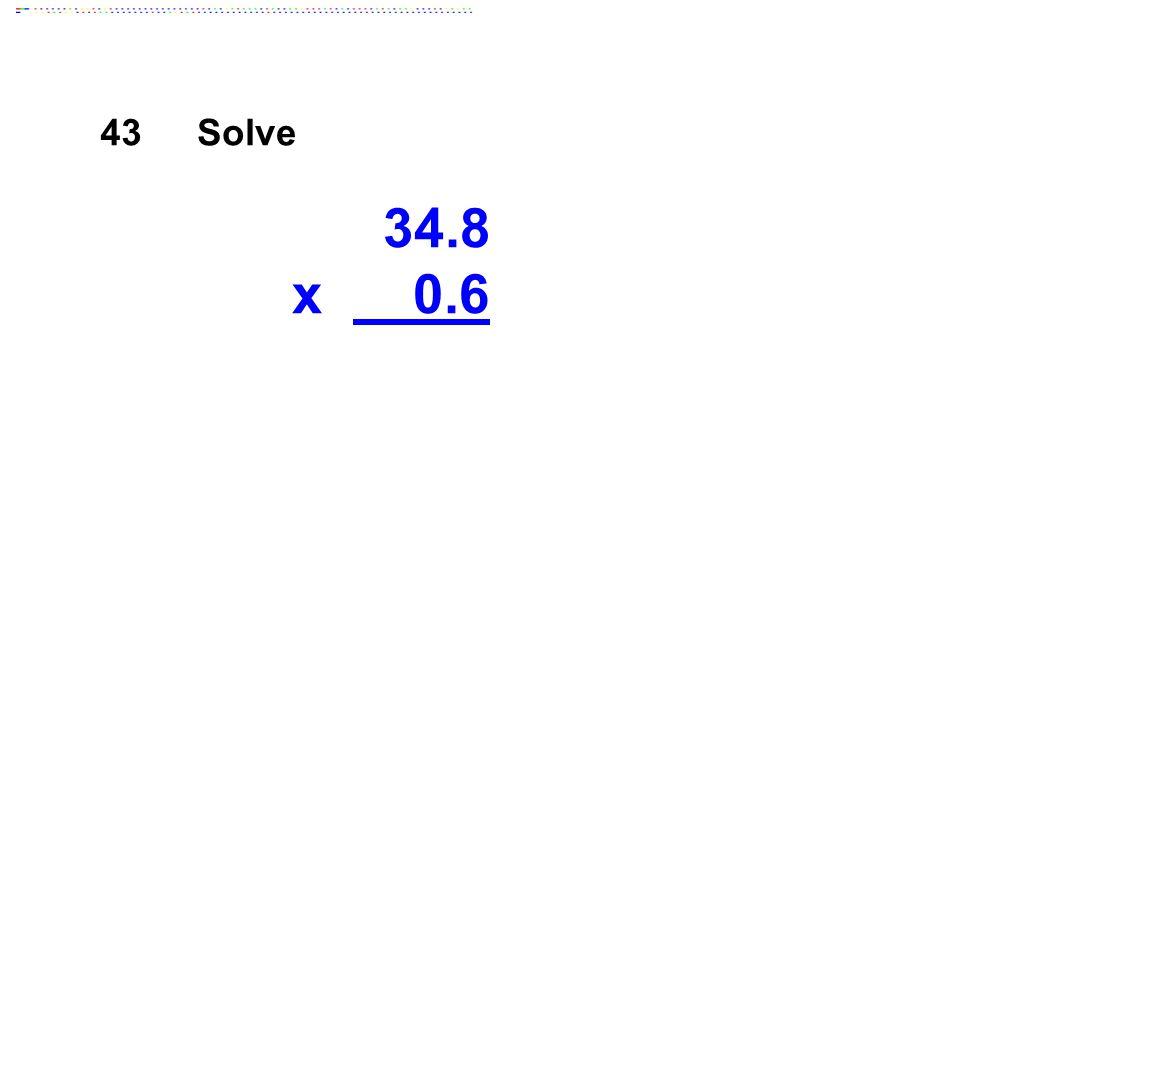 43 Solve 34.8 x 0.6